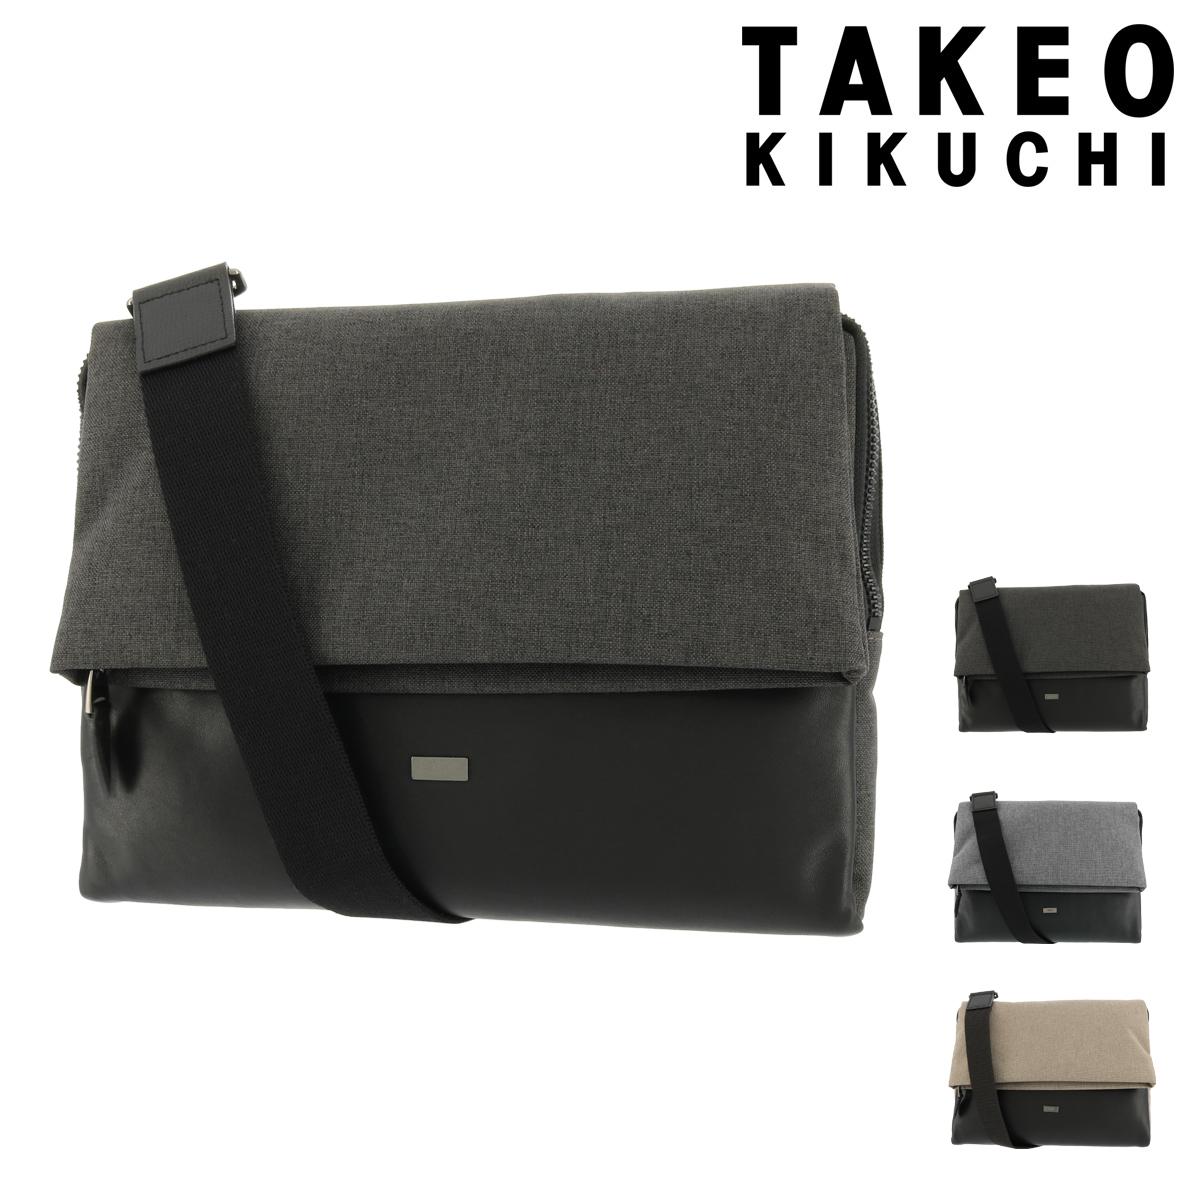 タケオキクチ クラッチバッグ オーランド メンズ753111 TAKEO KIKUCHI | ショルダー付き B5 軽量 牛革 レザー [PO5][bef]